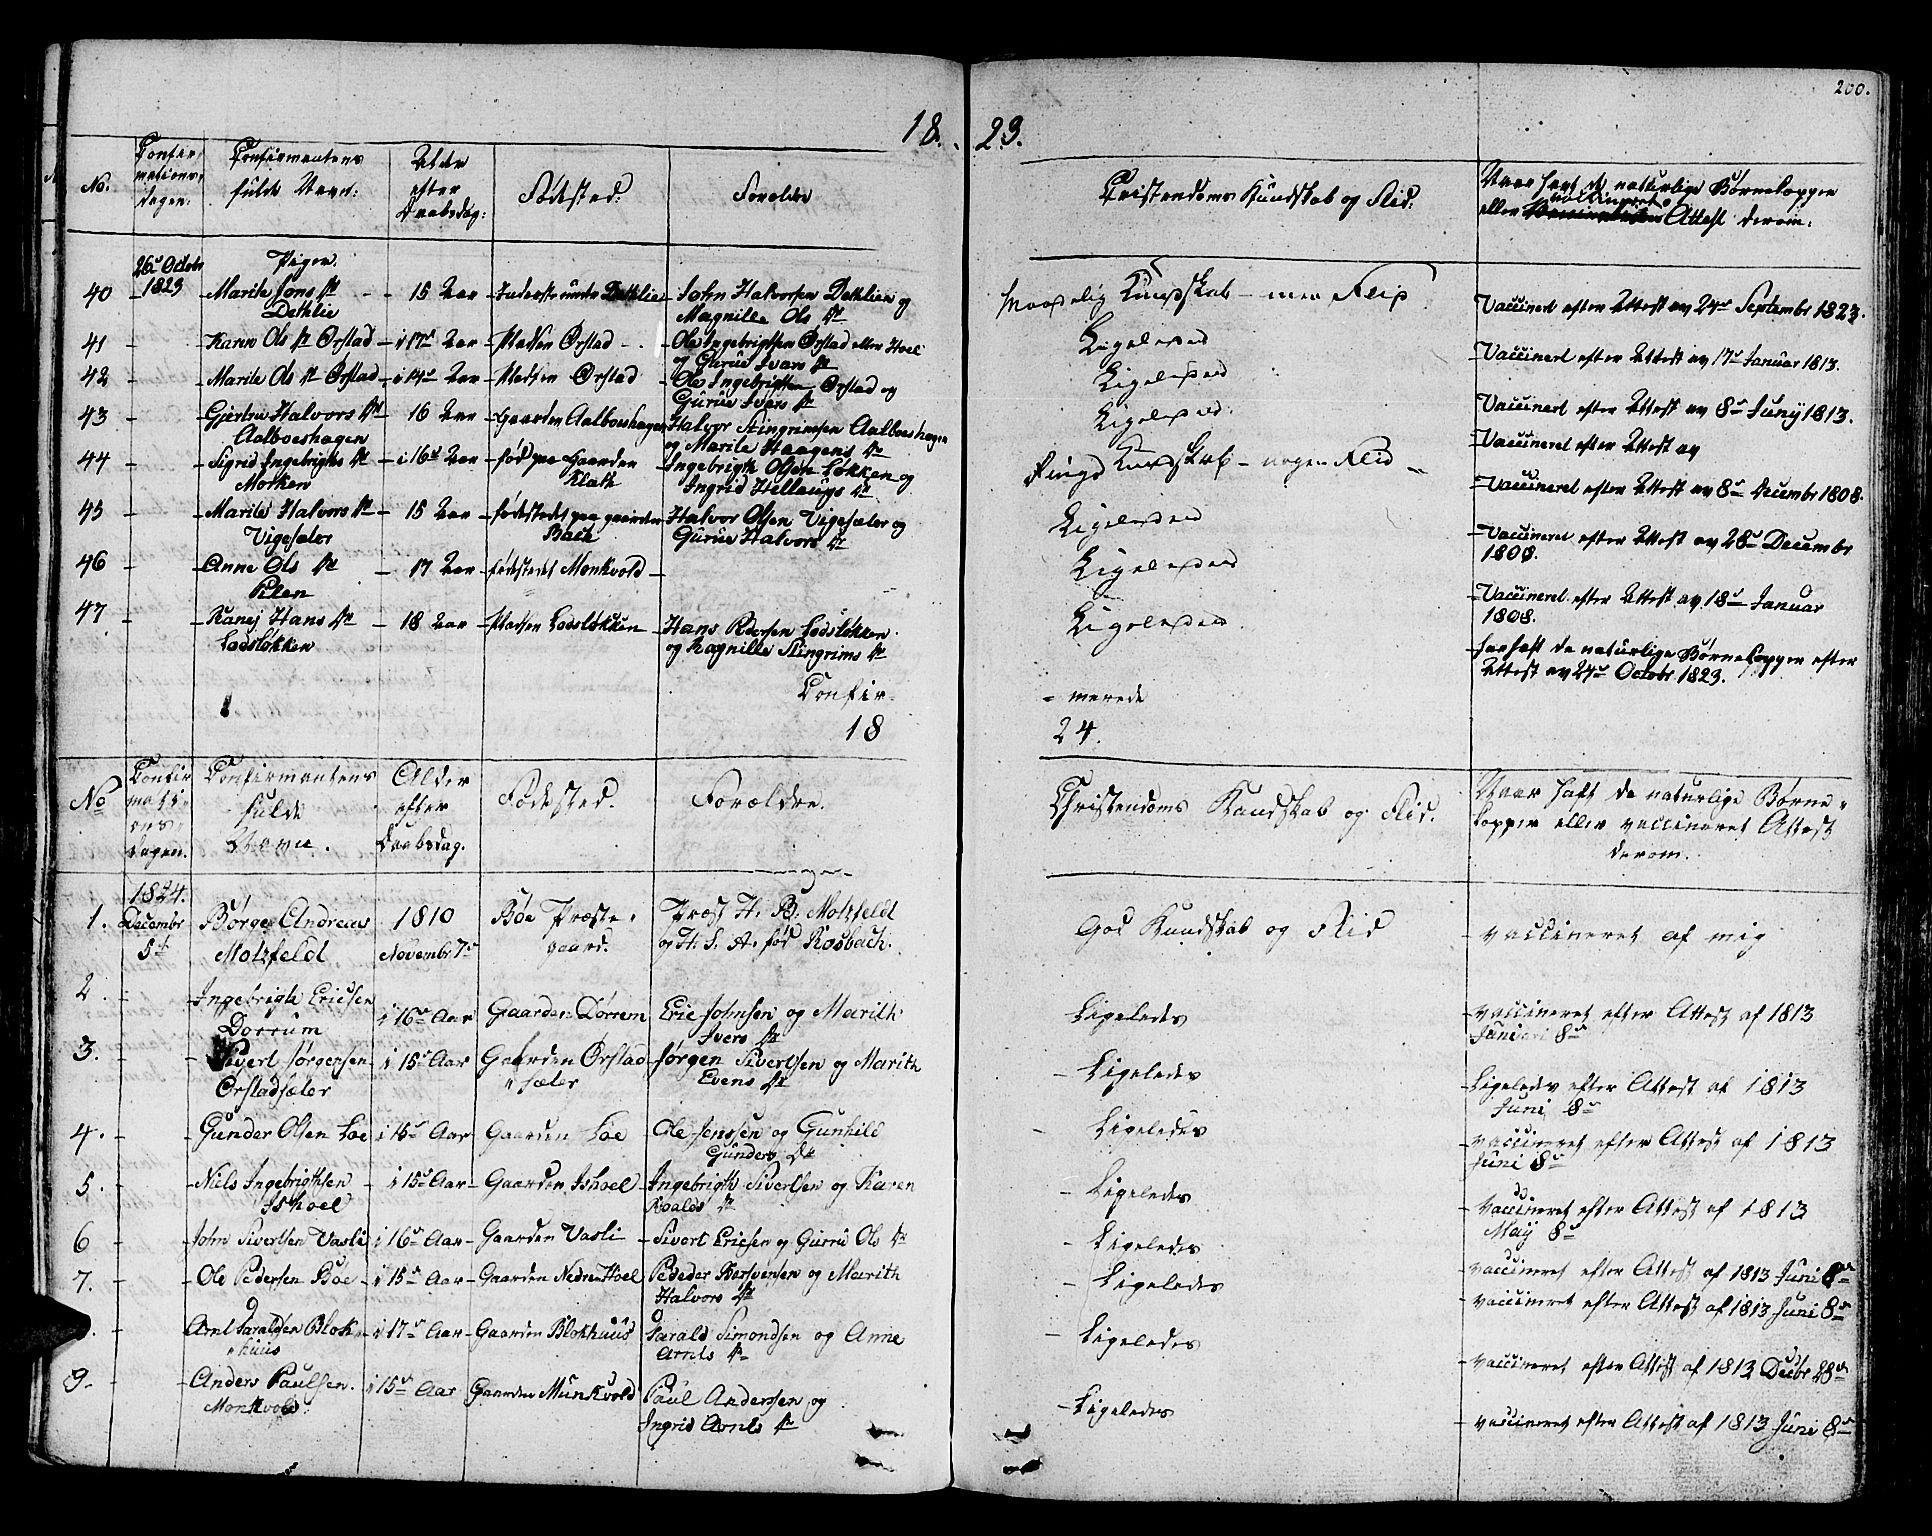 SAT, Ministerialprotokoller, klokkerbøker og fødselsregistre - Sør-Trøndelag, 678/L0897: Ministerialbok nr. 678A06-07, 1821-1847, s. 200